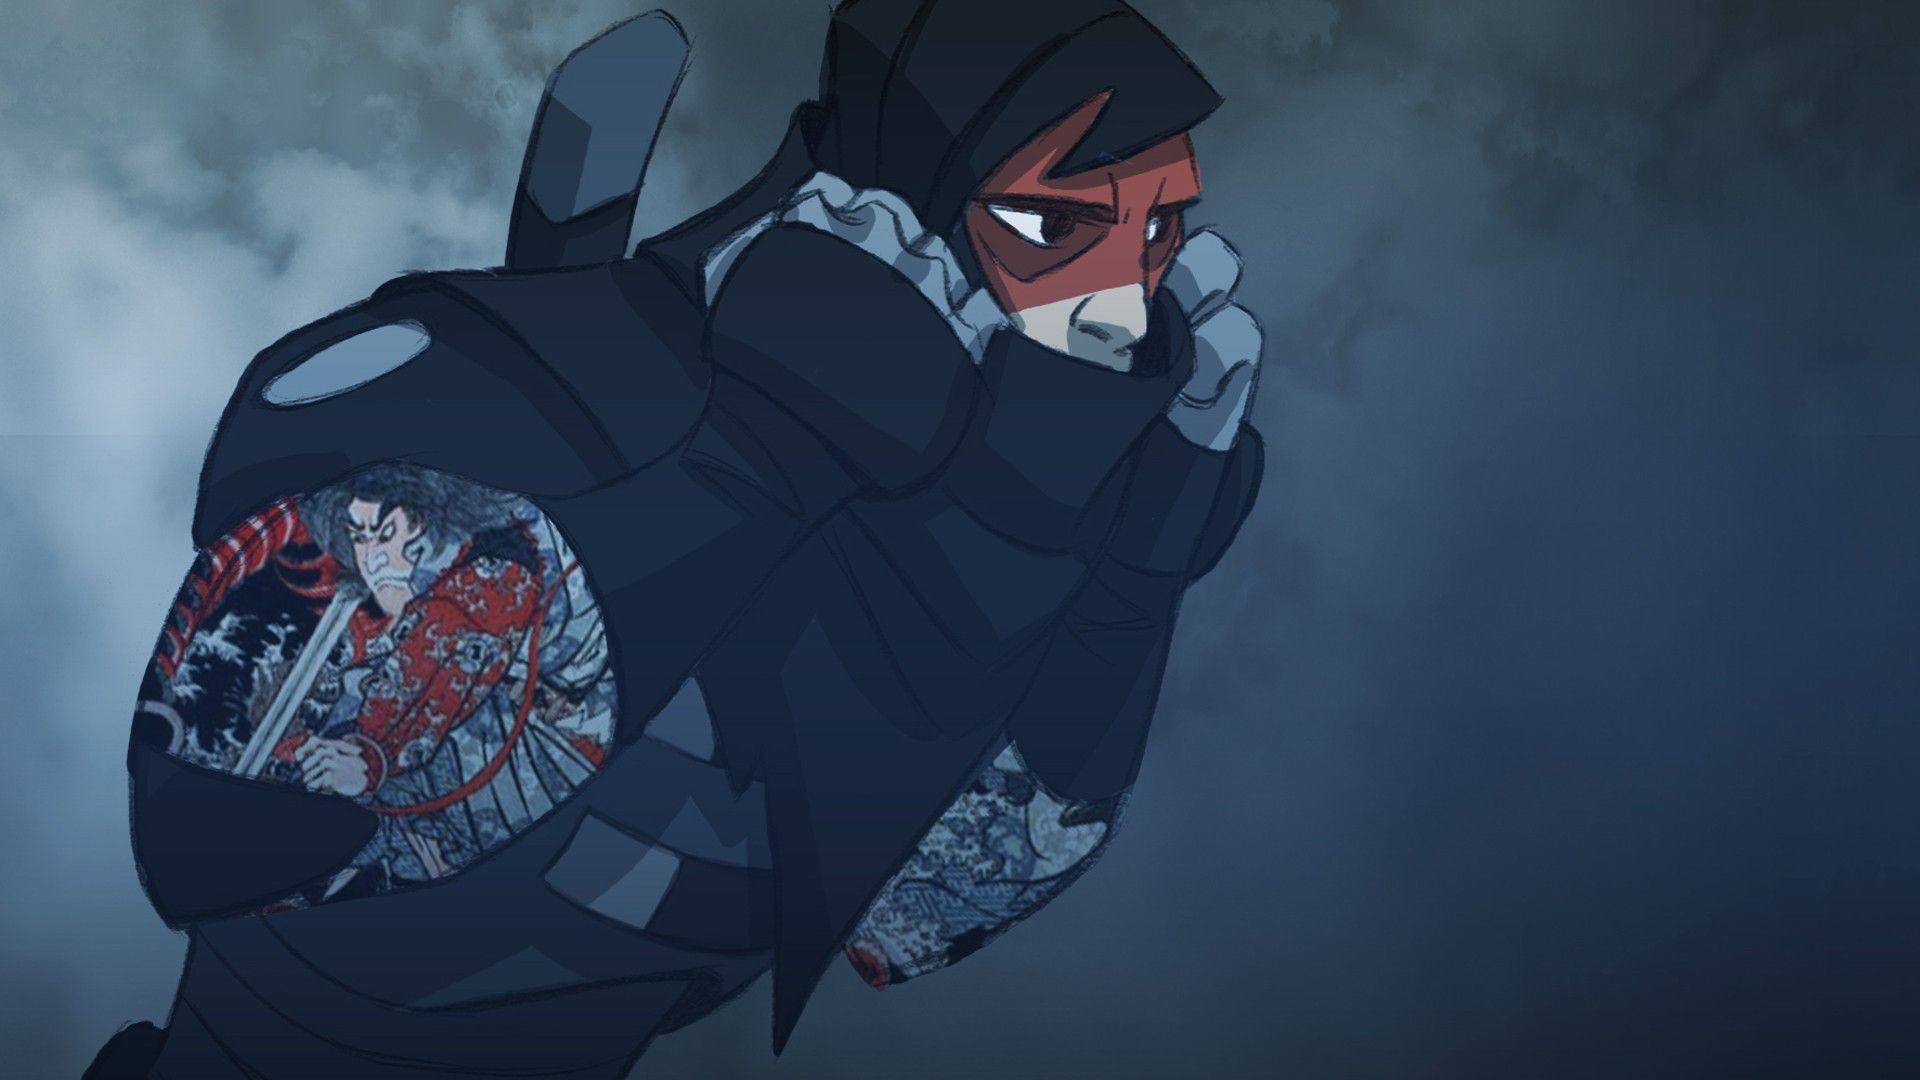 Ninja Fortnite Wallpapers Top Free Ninja Fortnite Backgrounds Wallpaperaccess